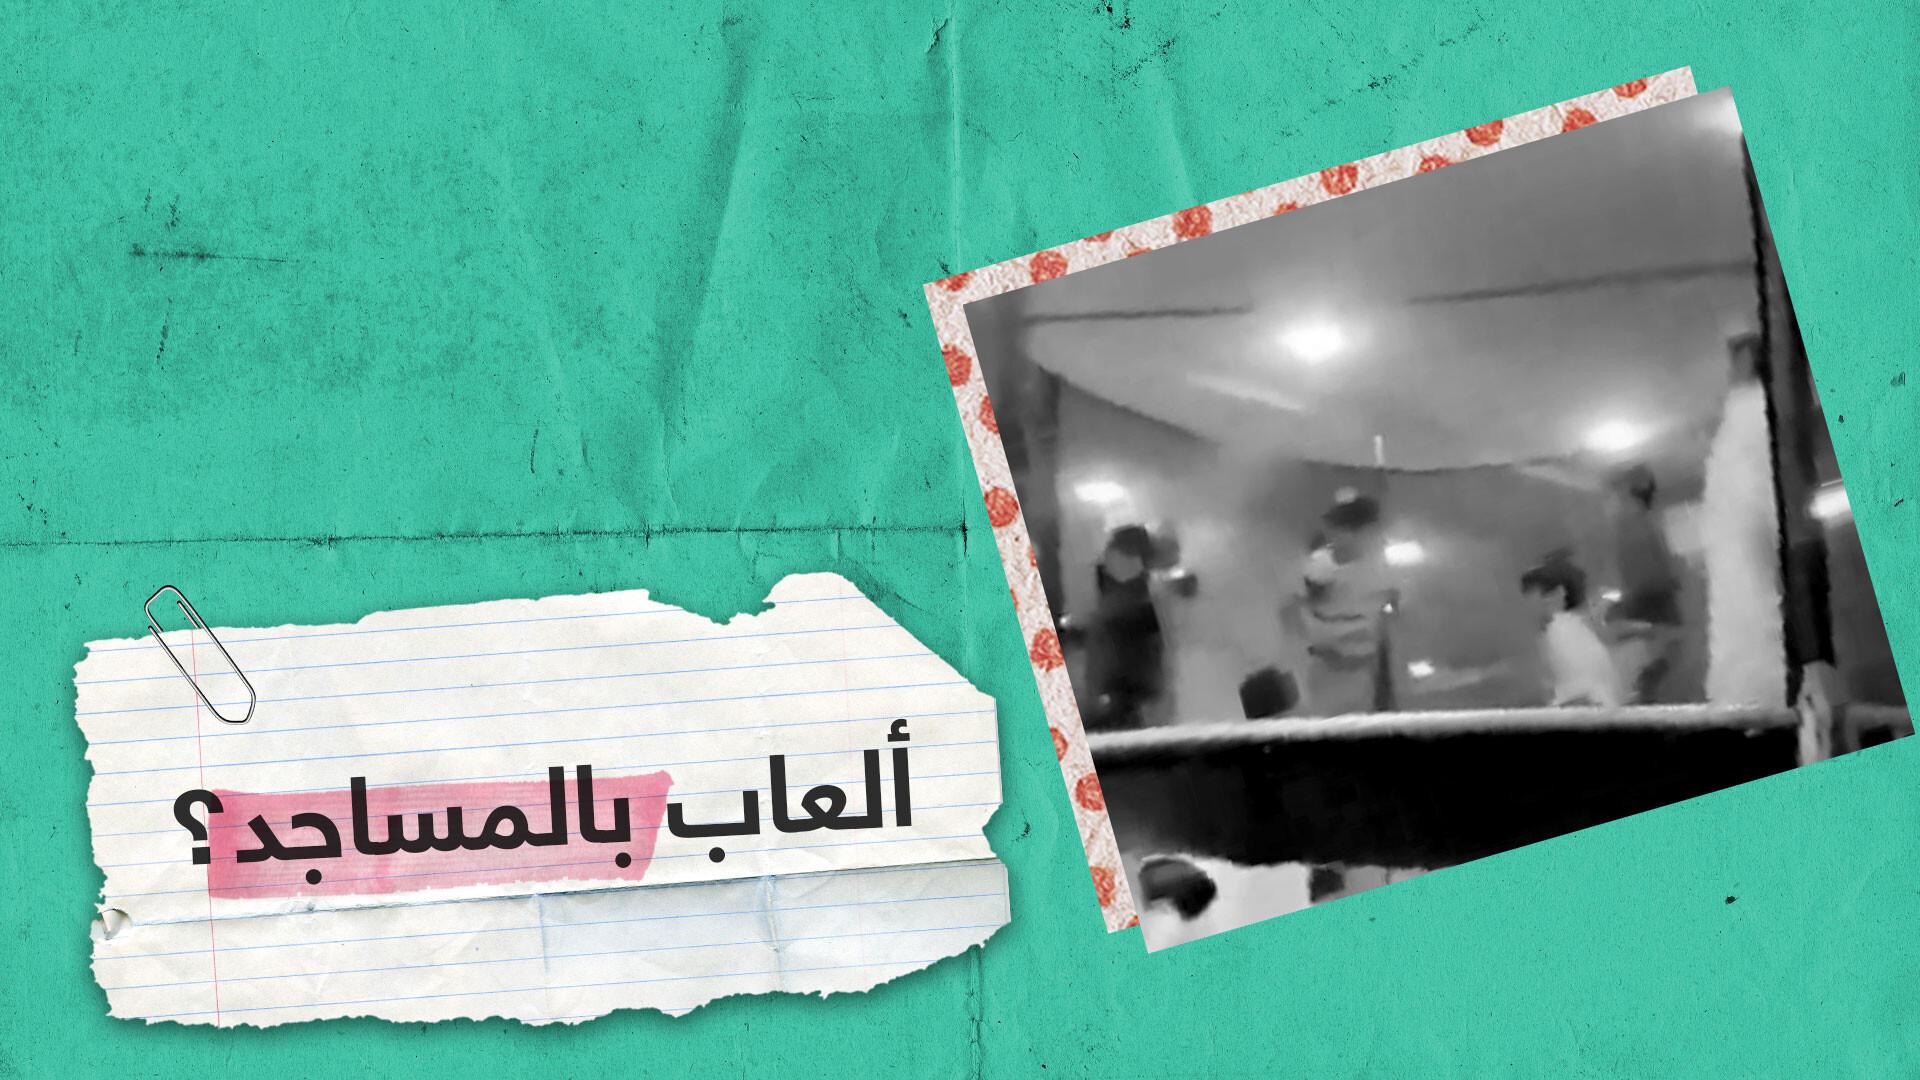 مكان لألعاب الأطفال في مسجد بالسعودية يثير الجدل